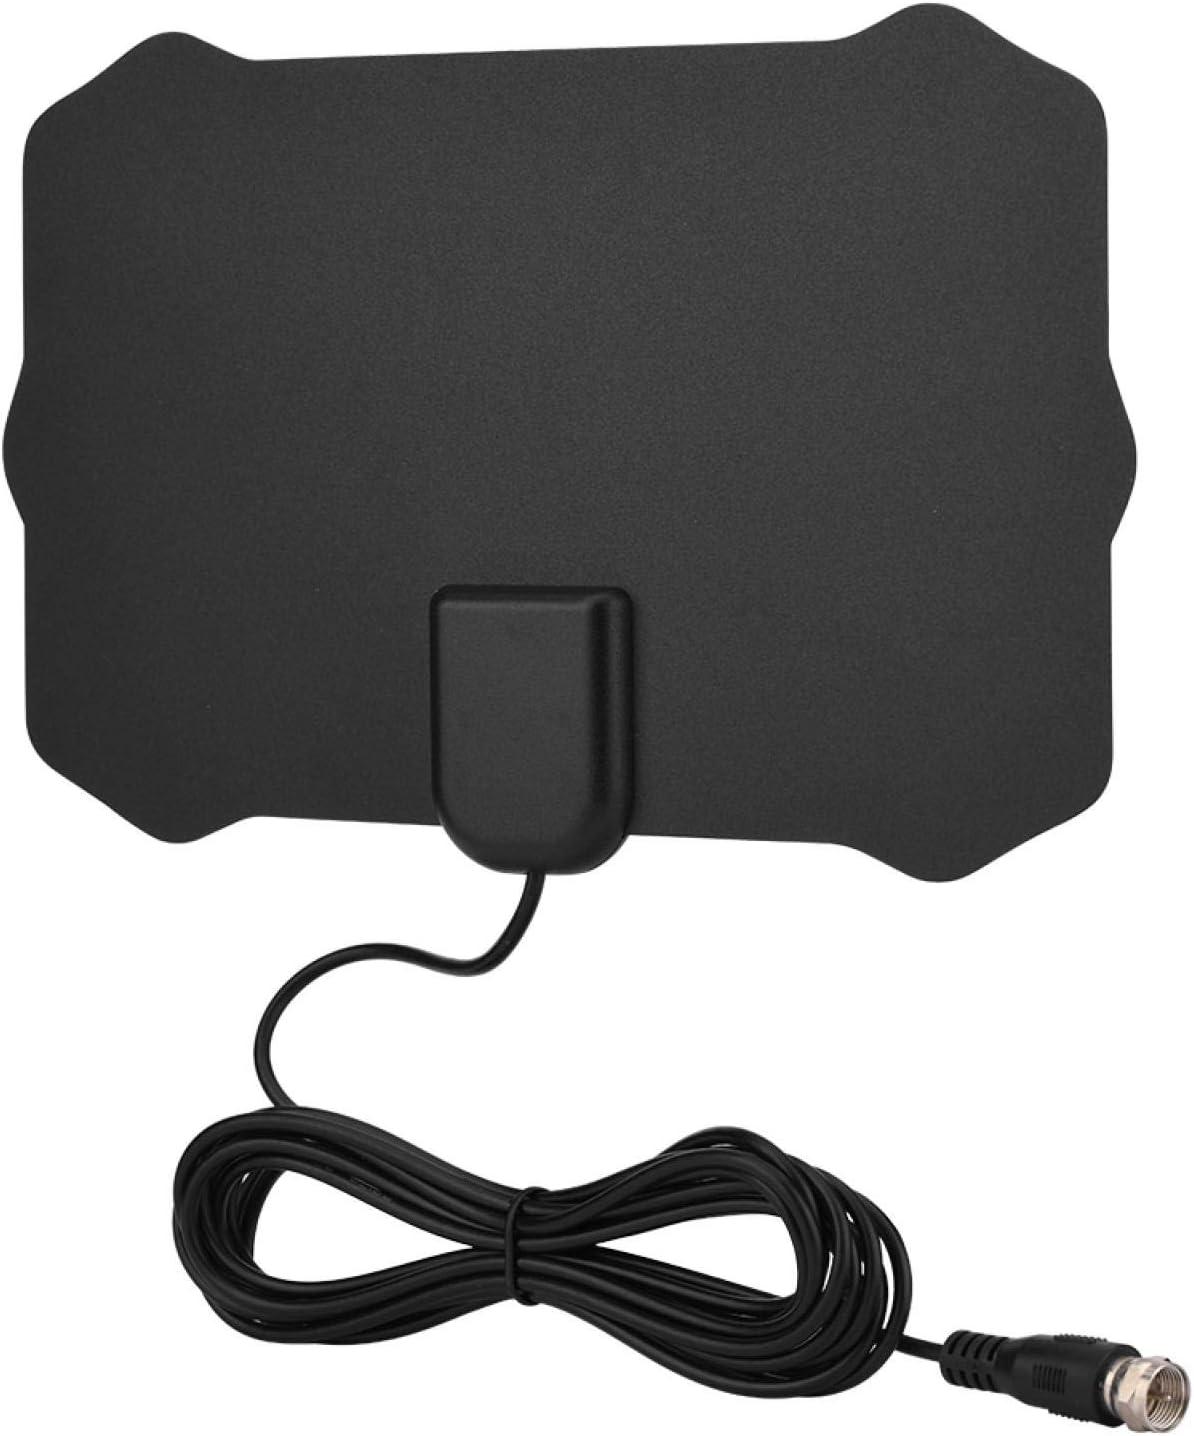 Tosuny Antena de TV, Antena Interior HDTV con Amplificador Portatil, 50 Millas Gama de Recepción Compatible VHF/UHF